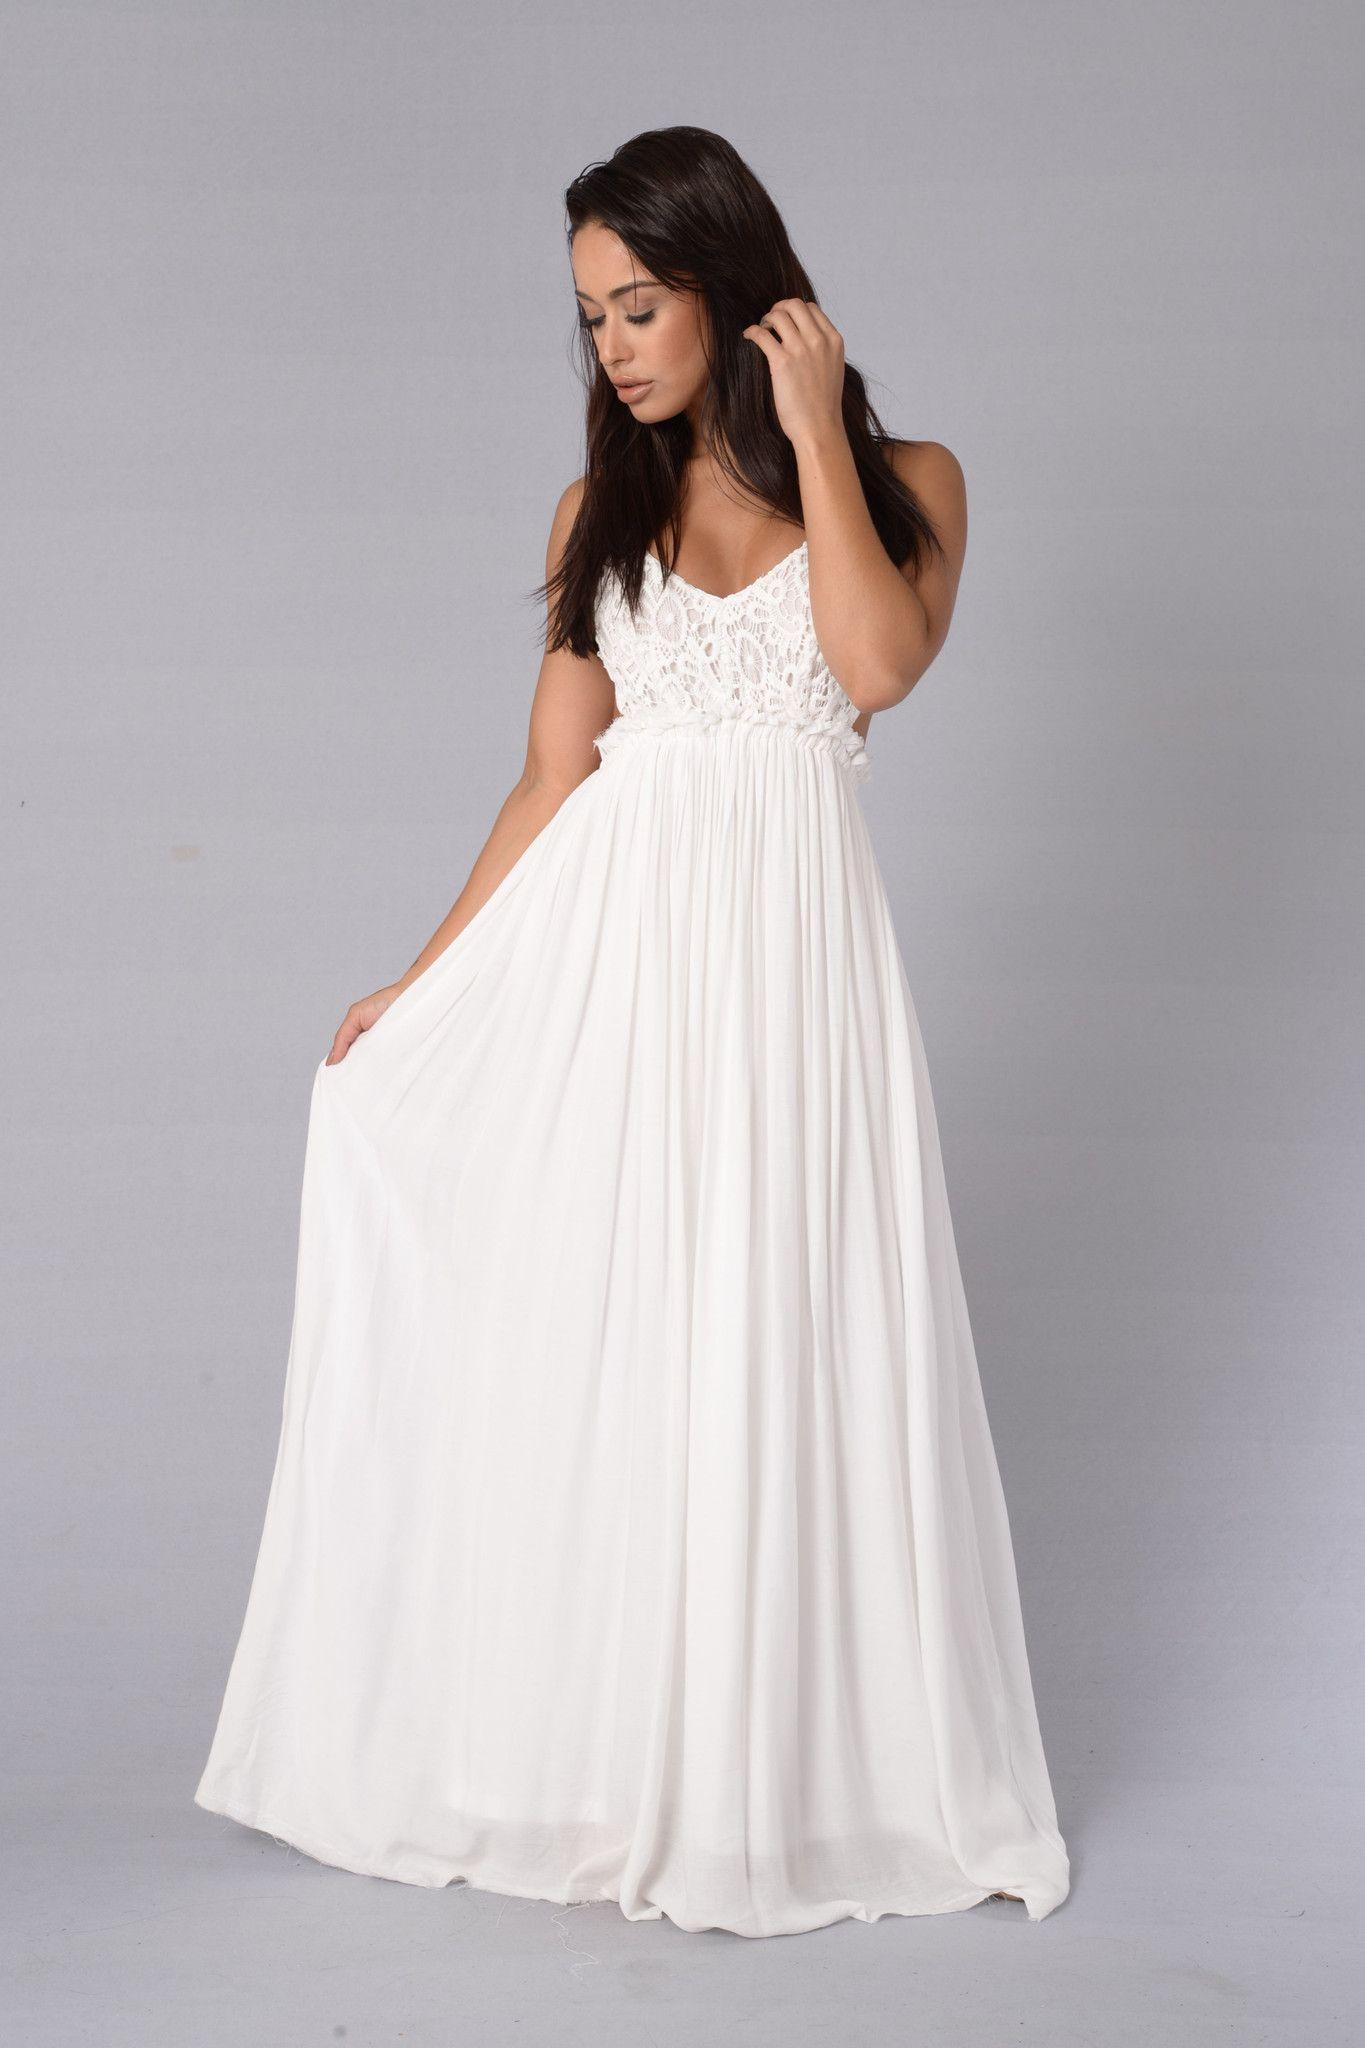 Ancient rome dress white white maxi dresses white